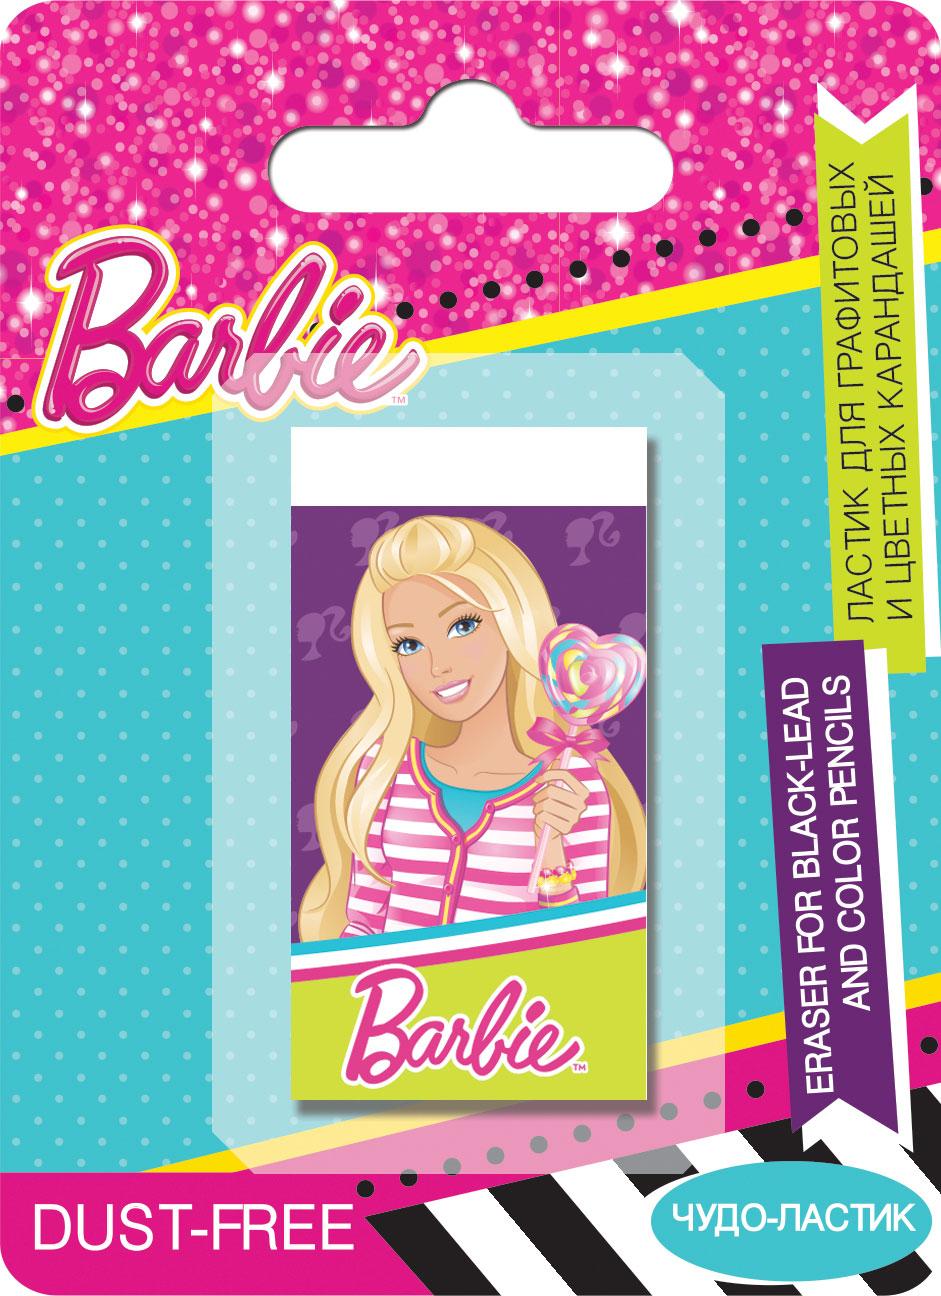 Ластик Barbie для графитовых и цветных карандашей